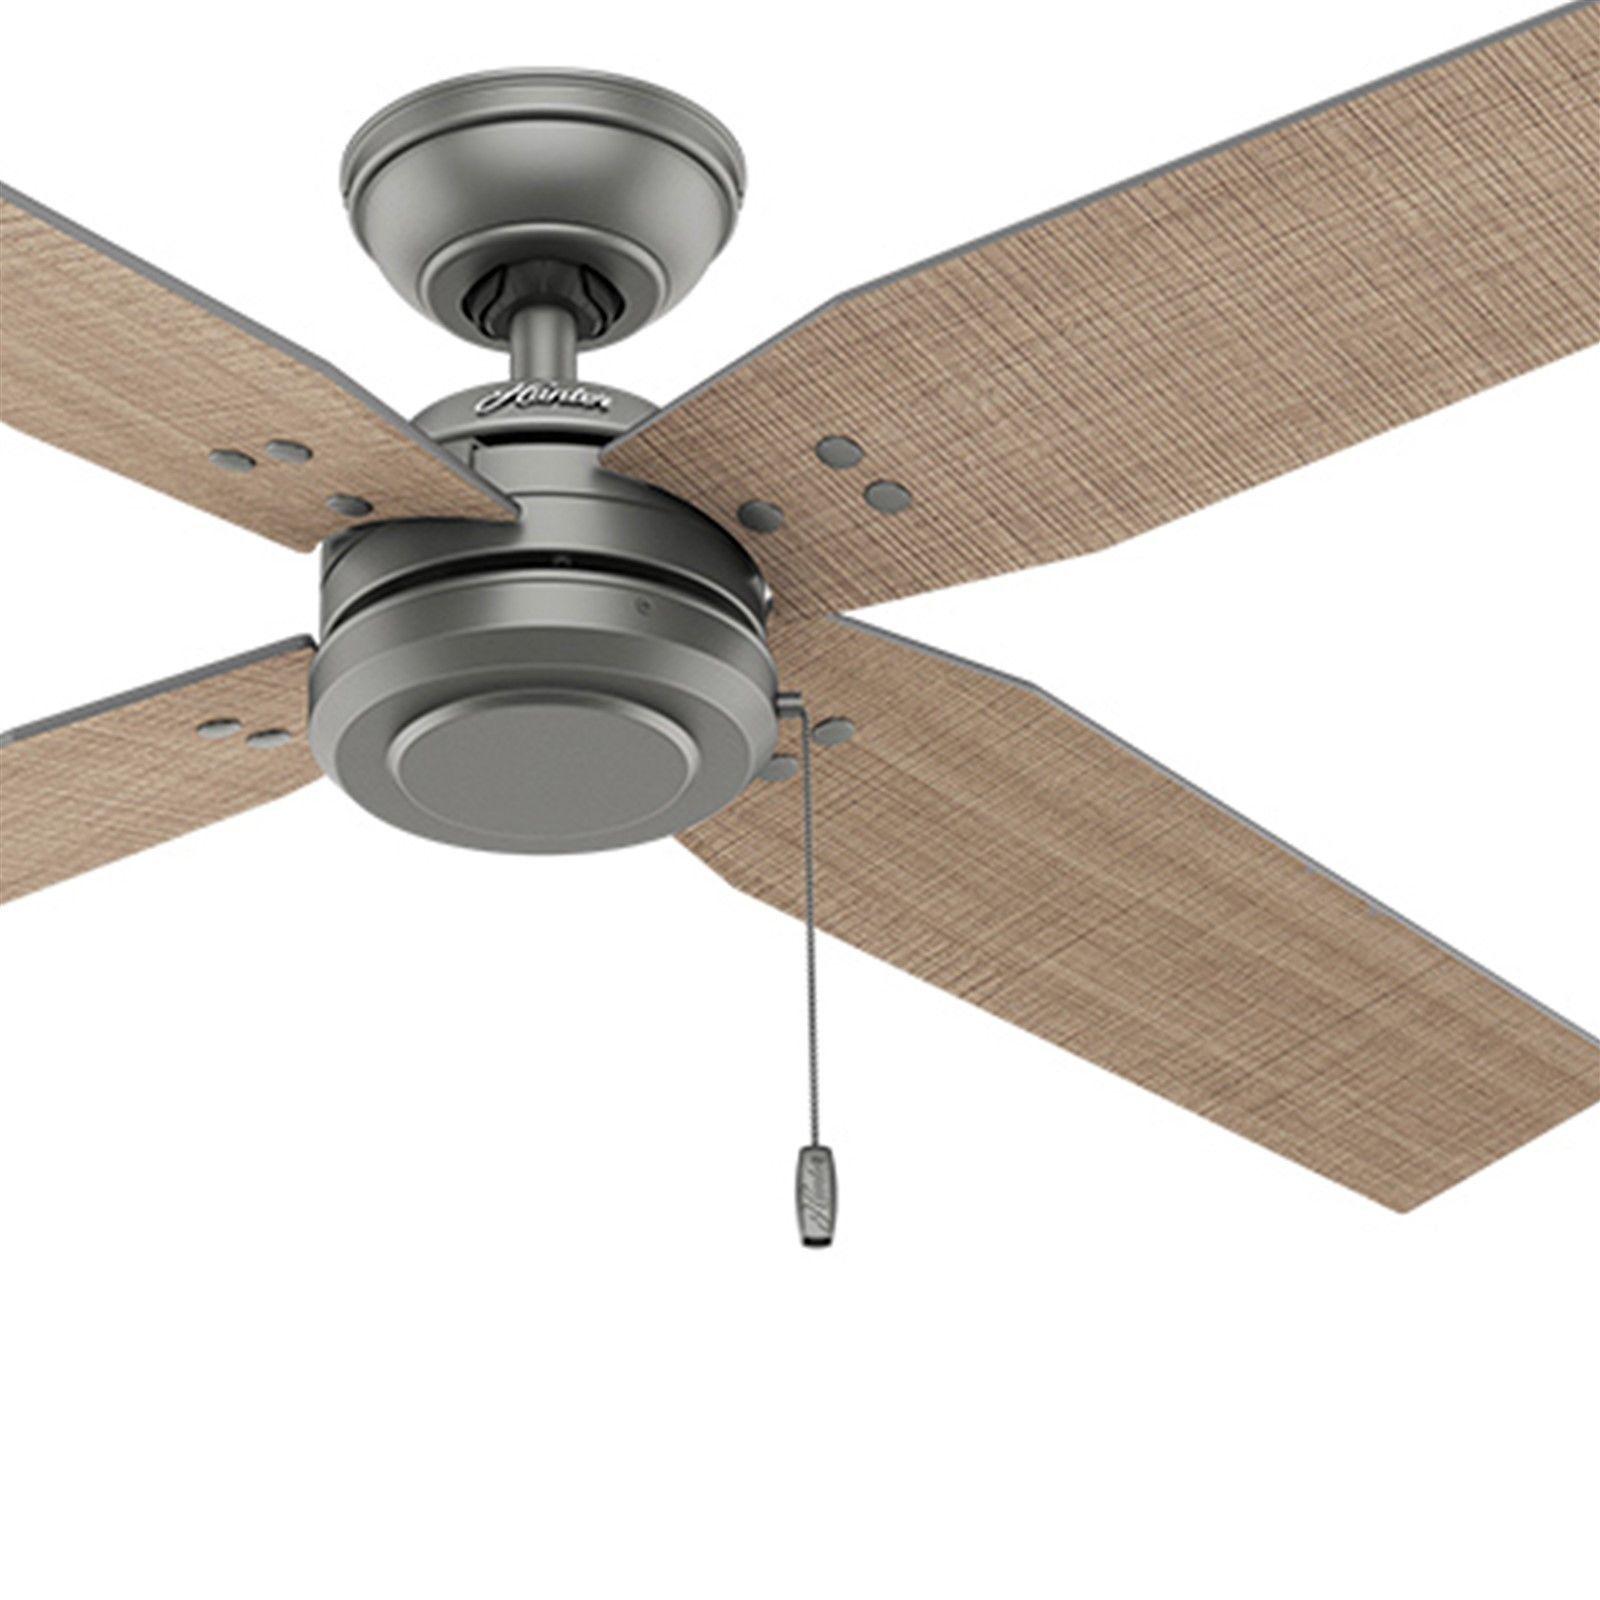 Hunter Fan 54 Inch Casual Matte Silver Outdoor Ceiling Fan W Pull Chain 4 Blades Ebay Ceiling Fan Outdoor Ceiling Fans Ceiling Fans Without Lights